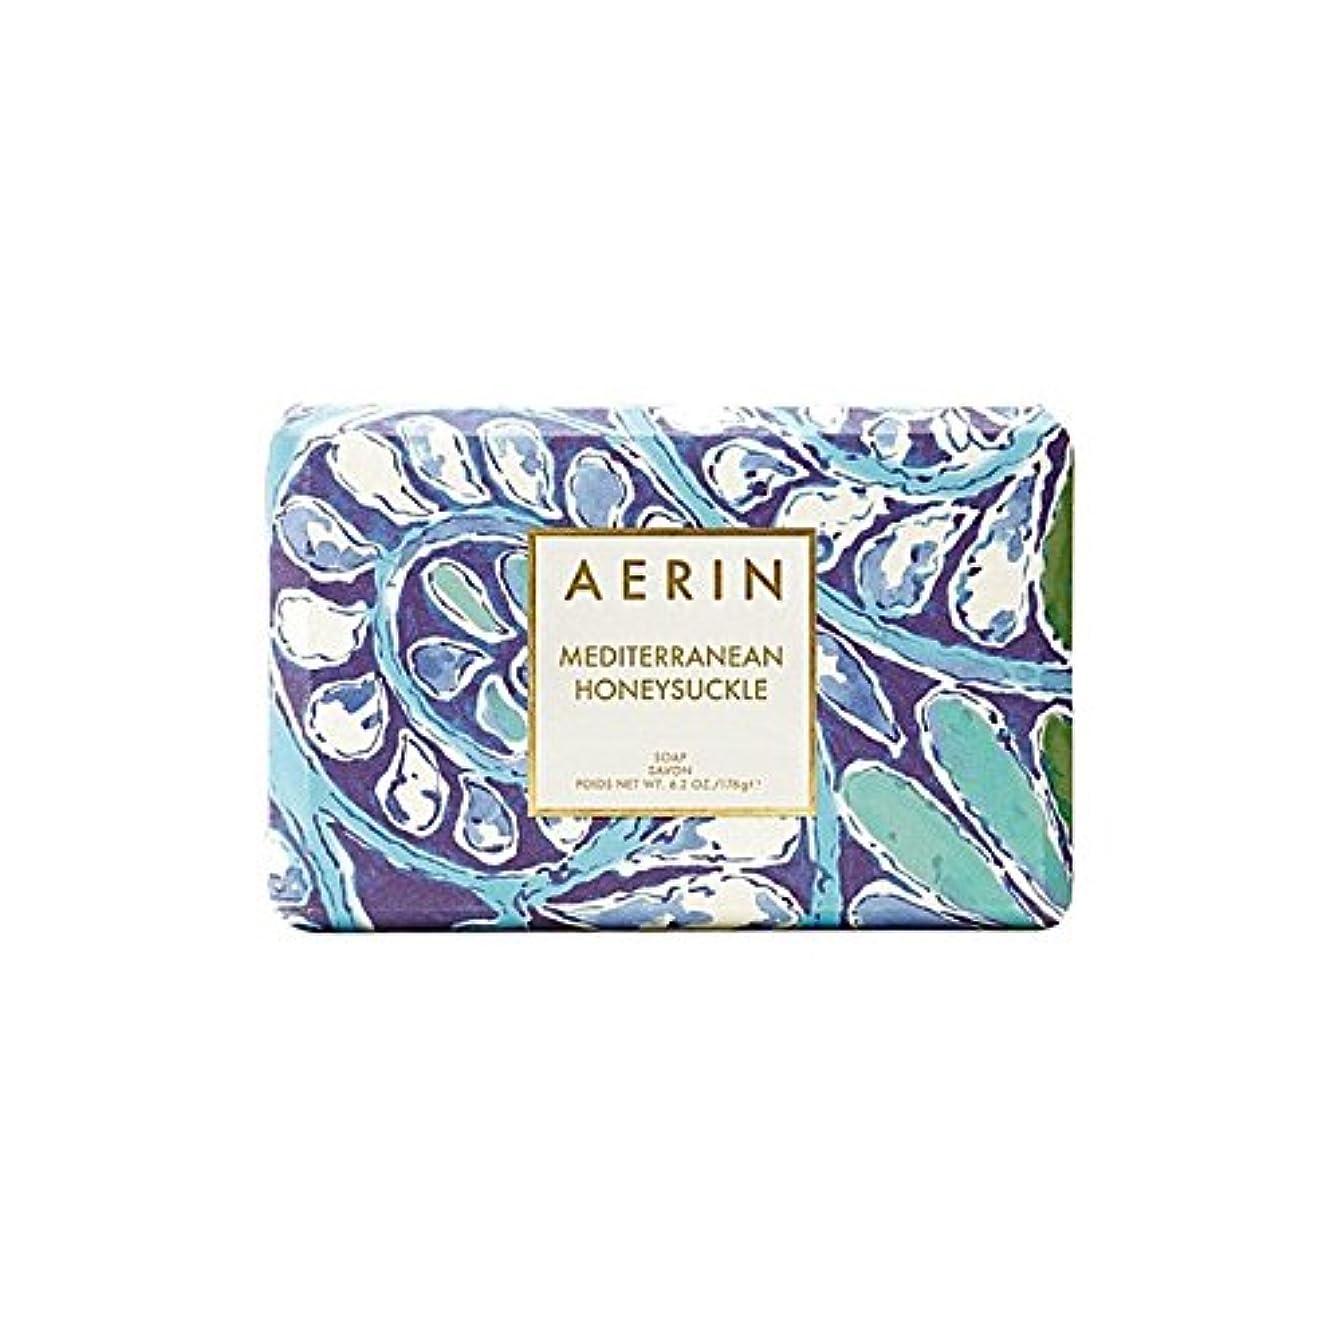 オーロックねじれ本質的ではないAerin Mediterrenean Honeysuckle Bar Soap 176G (Pack of 6) - スイカズラ固形石鹸176グラム x6 [並行輸入品]